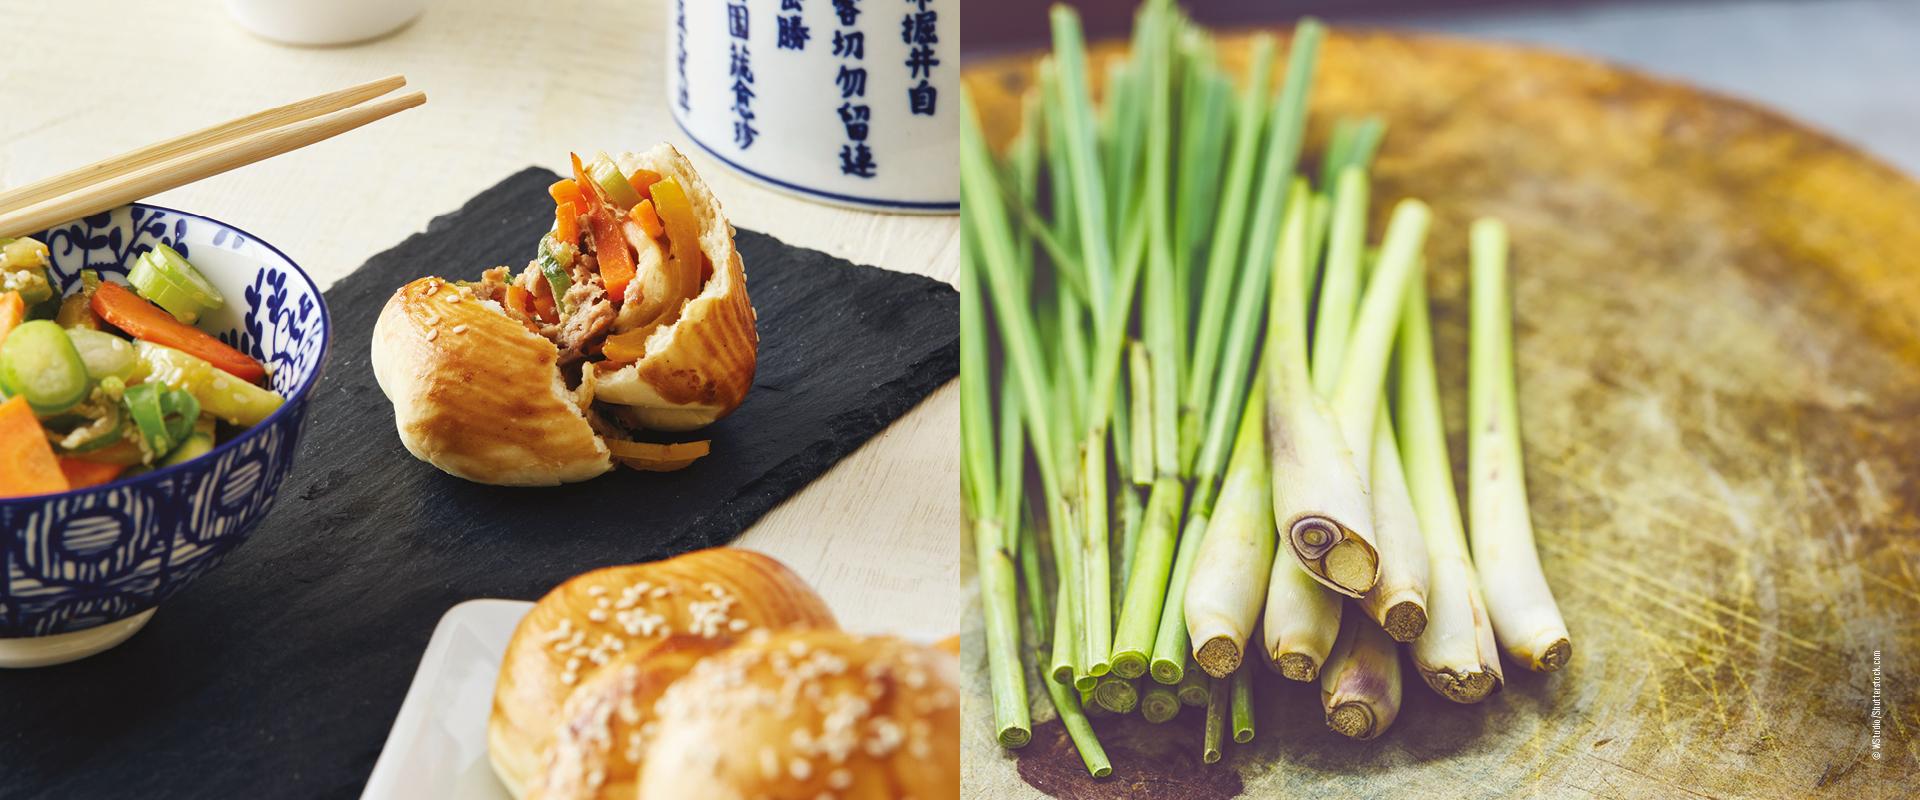 Bao Buns und Zitronengras